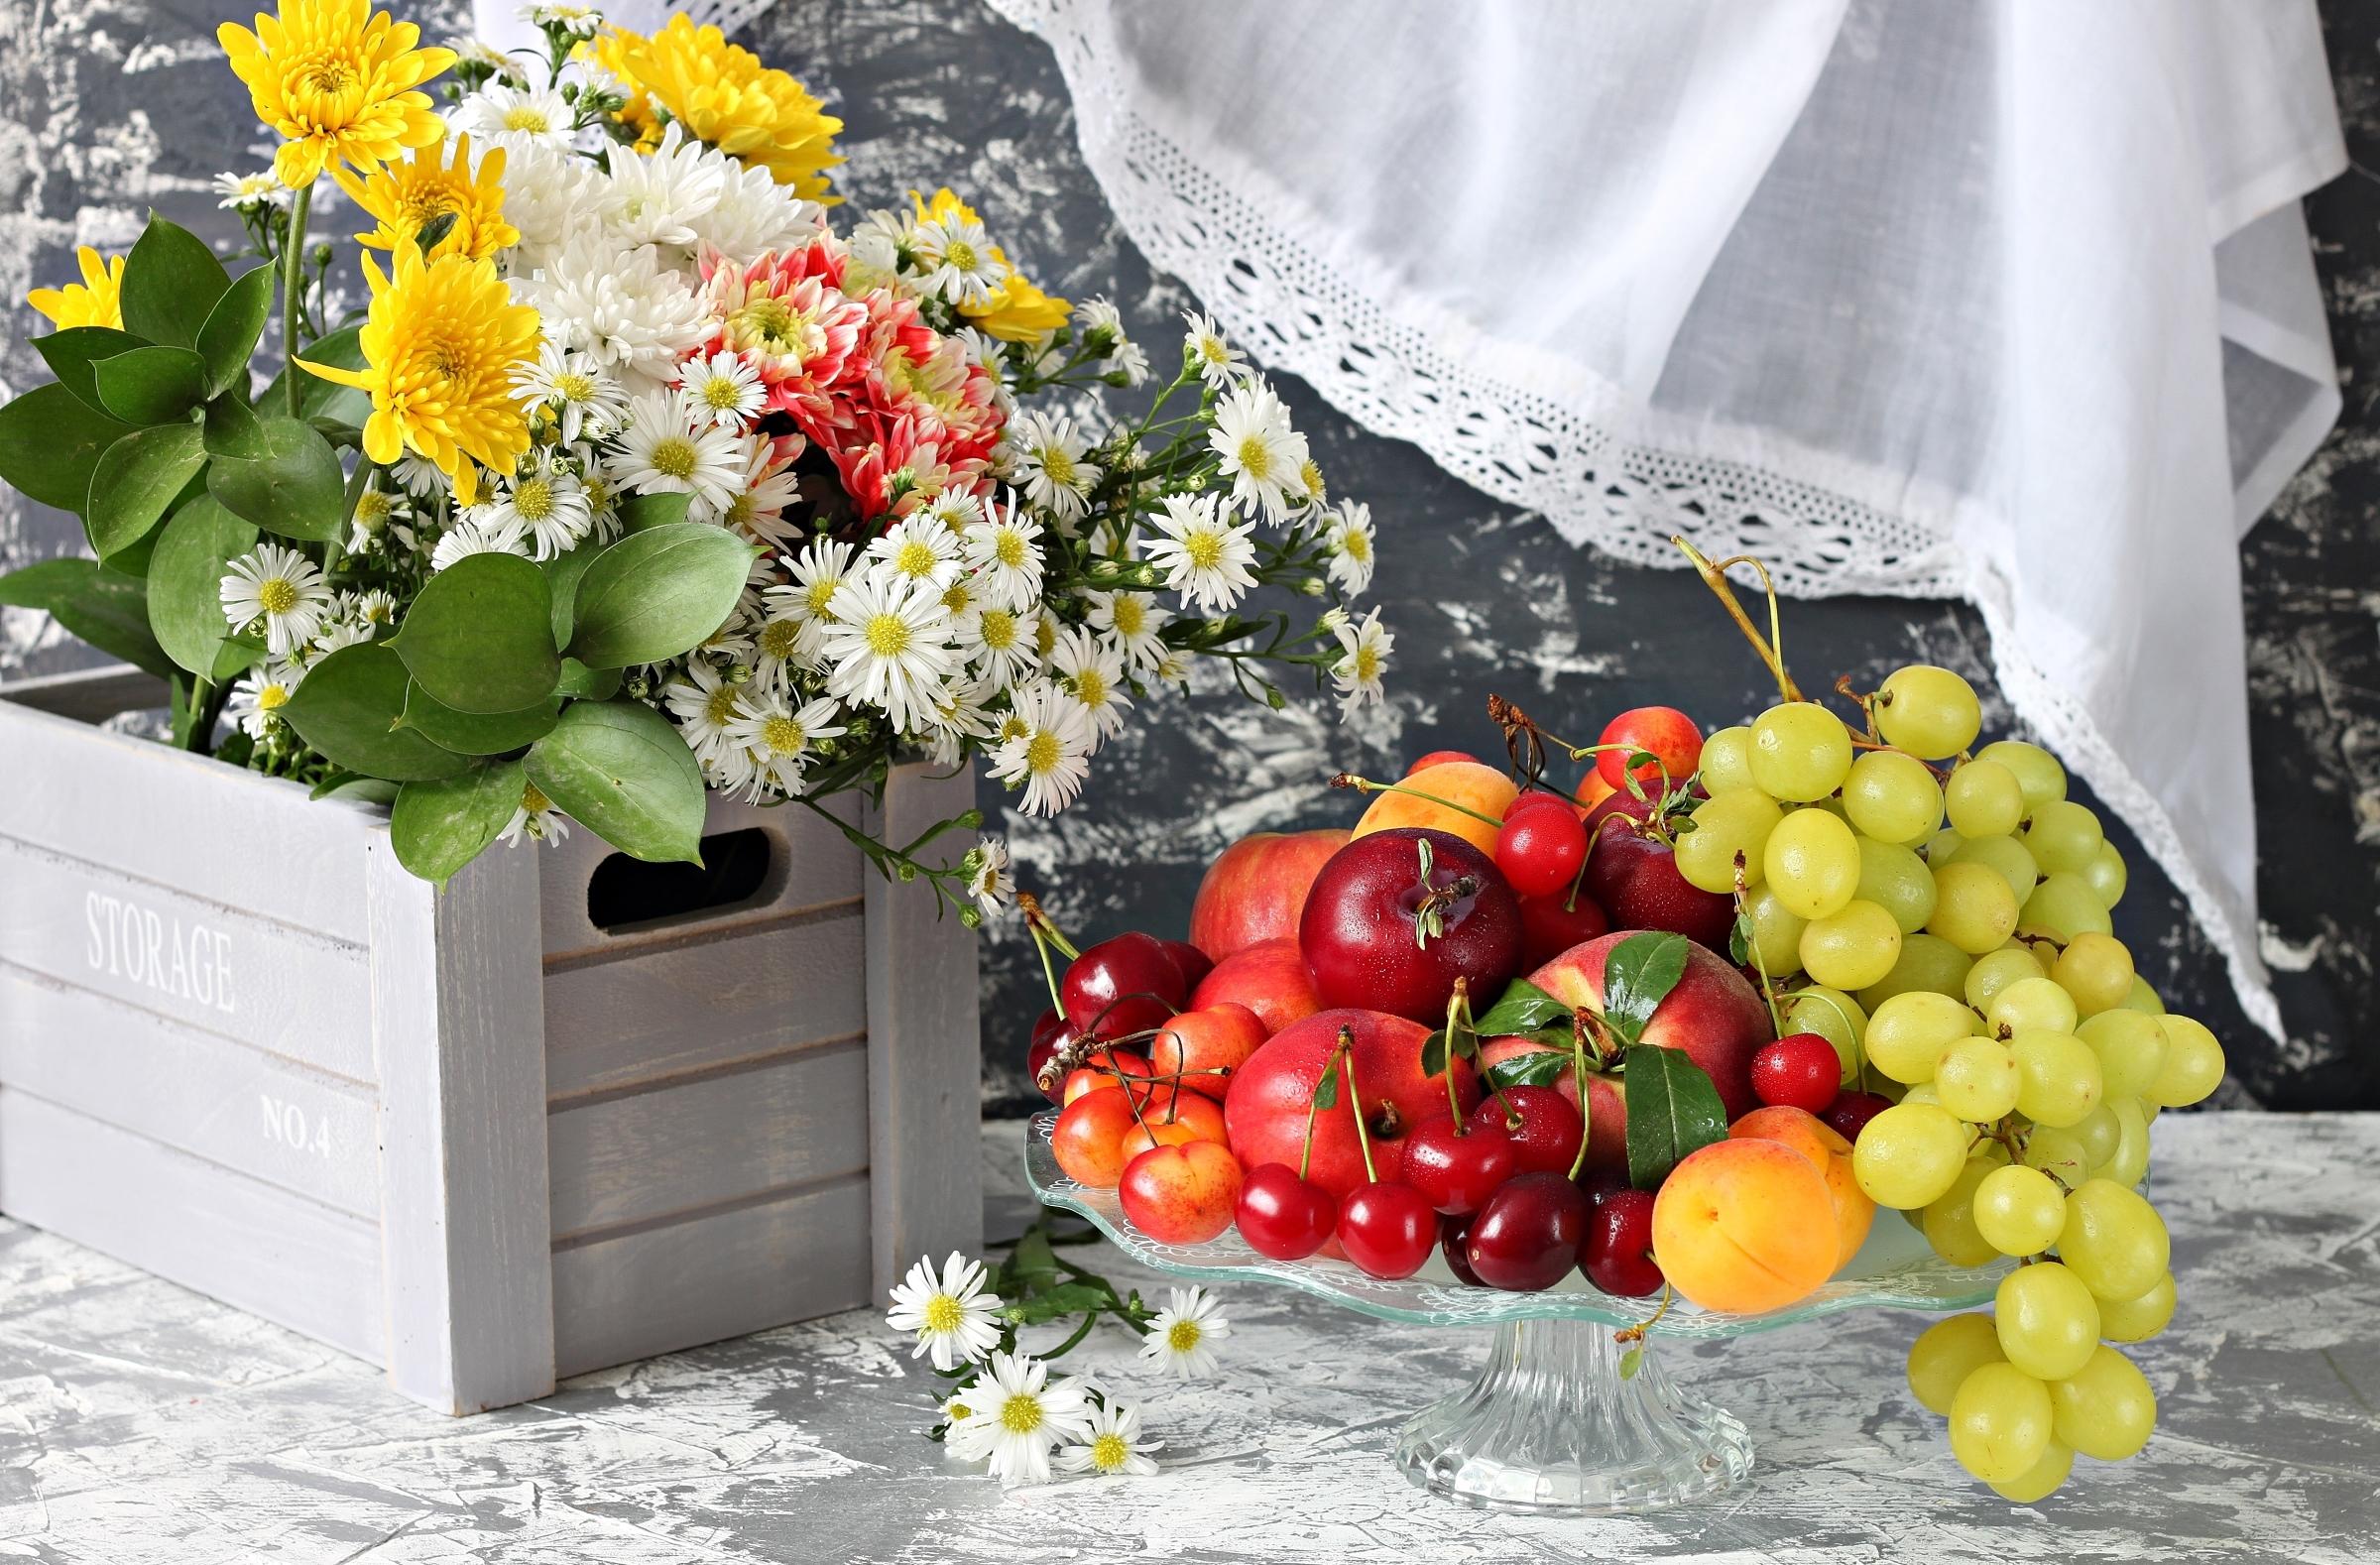 Цветы фрукты открытка, открытка